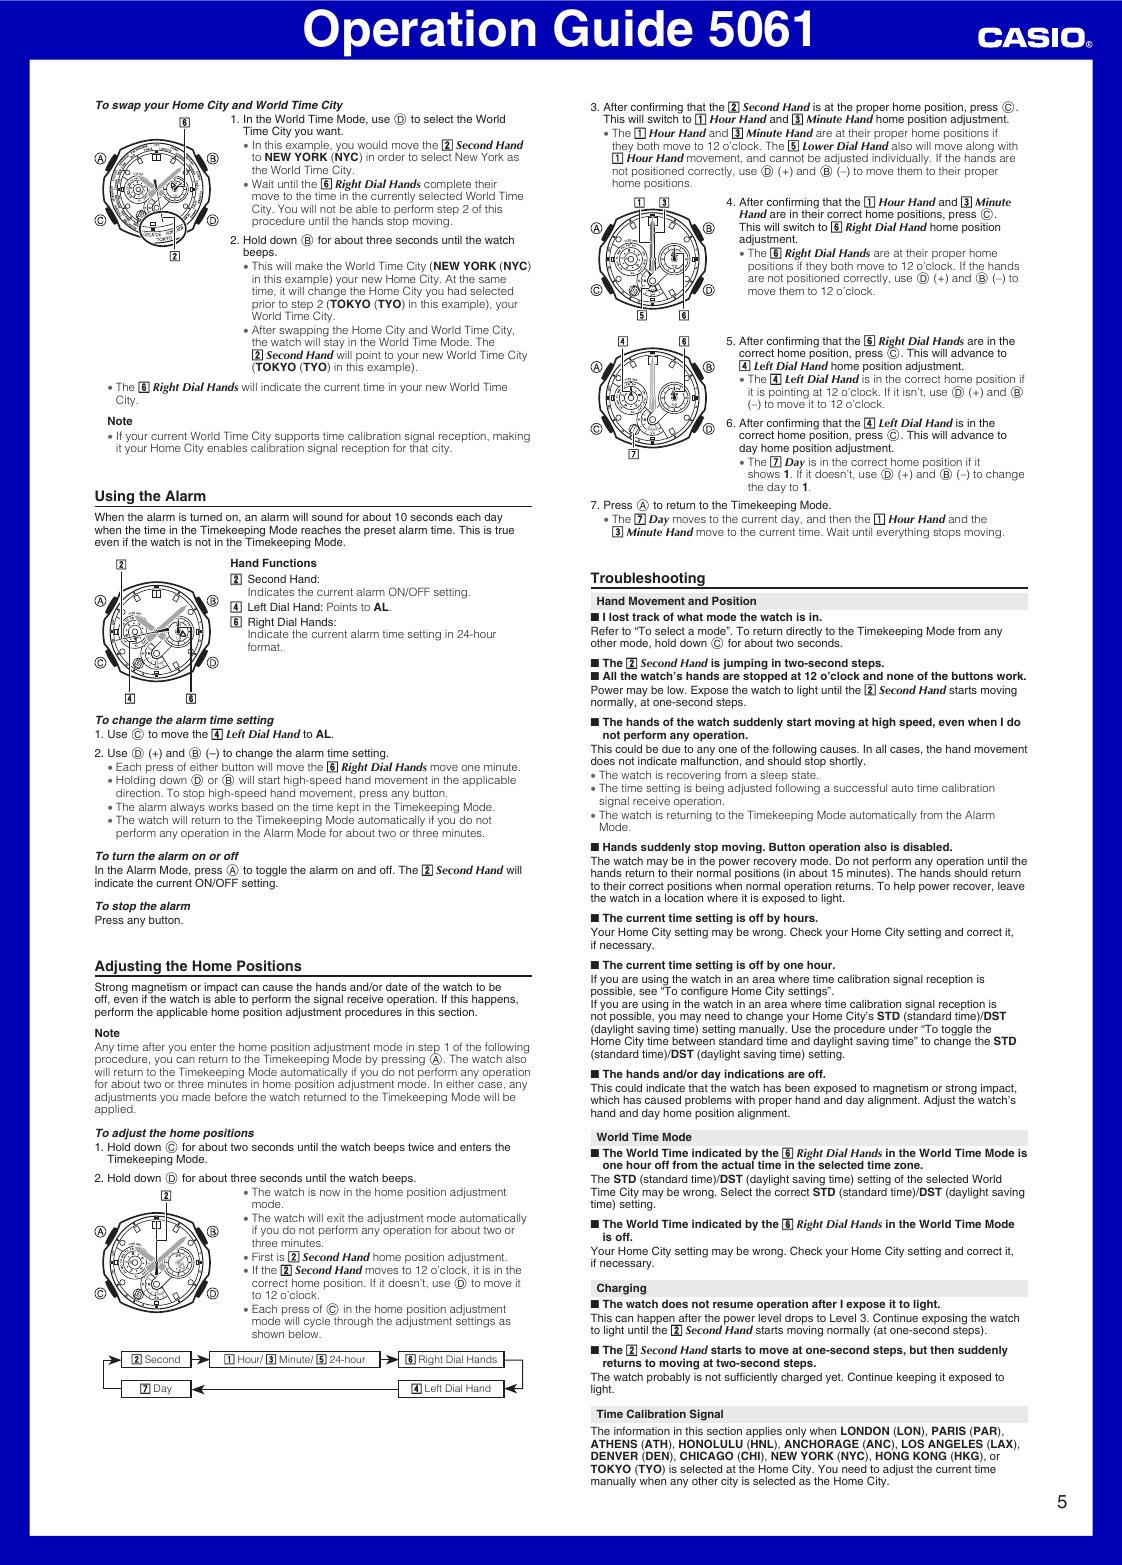 casio edifice 5061 user manual